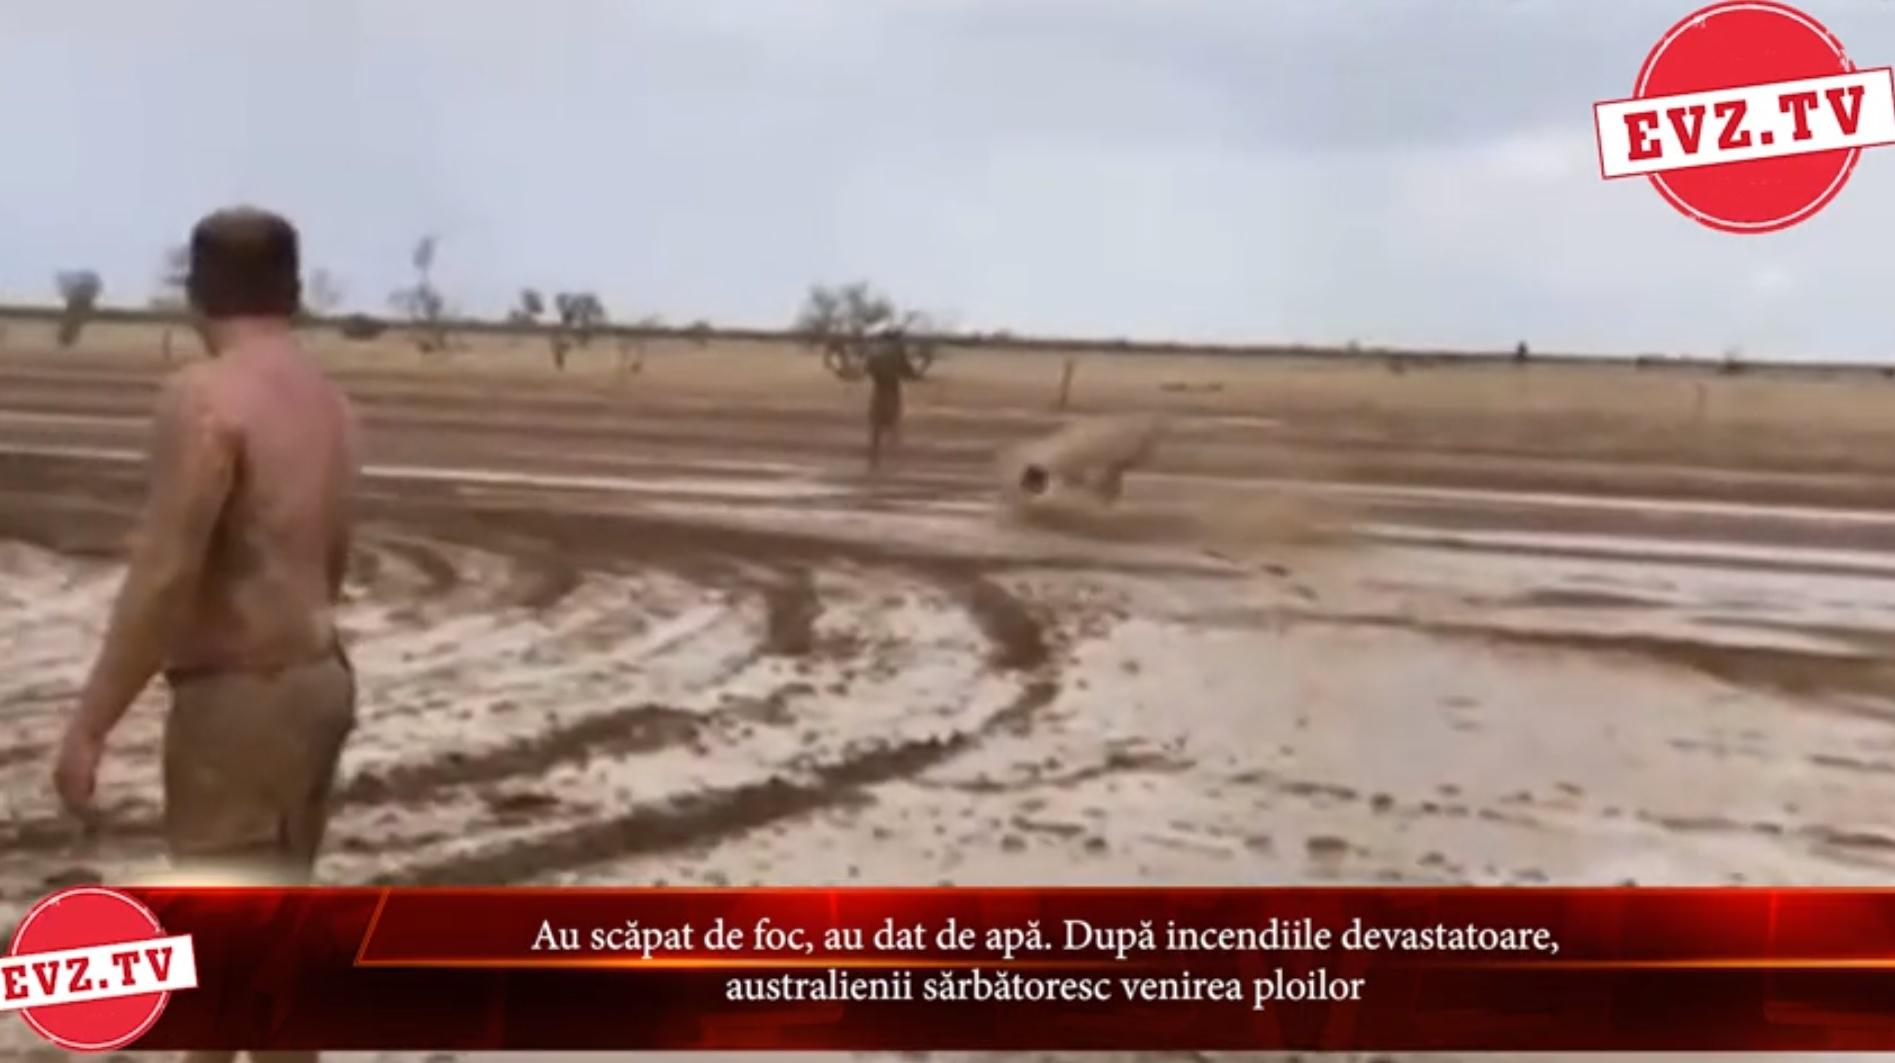 Evz.TV. Au scăpat de foc, au dat de apă. După incendiile devastatoare, australienii sărbătoresc venirea ploilor